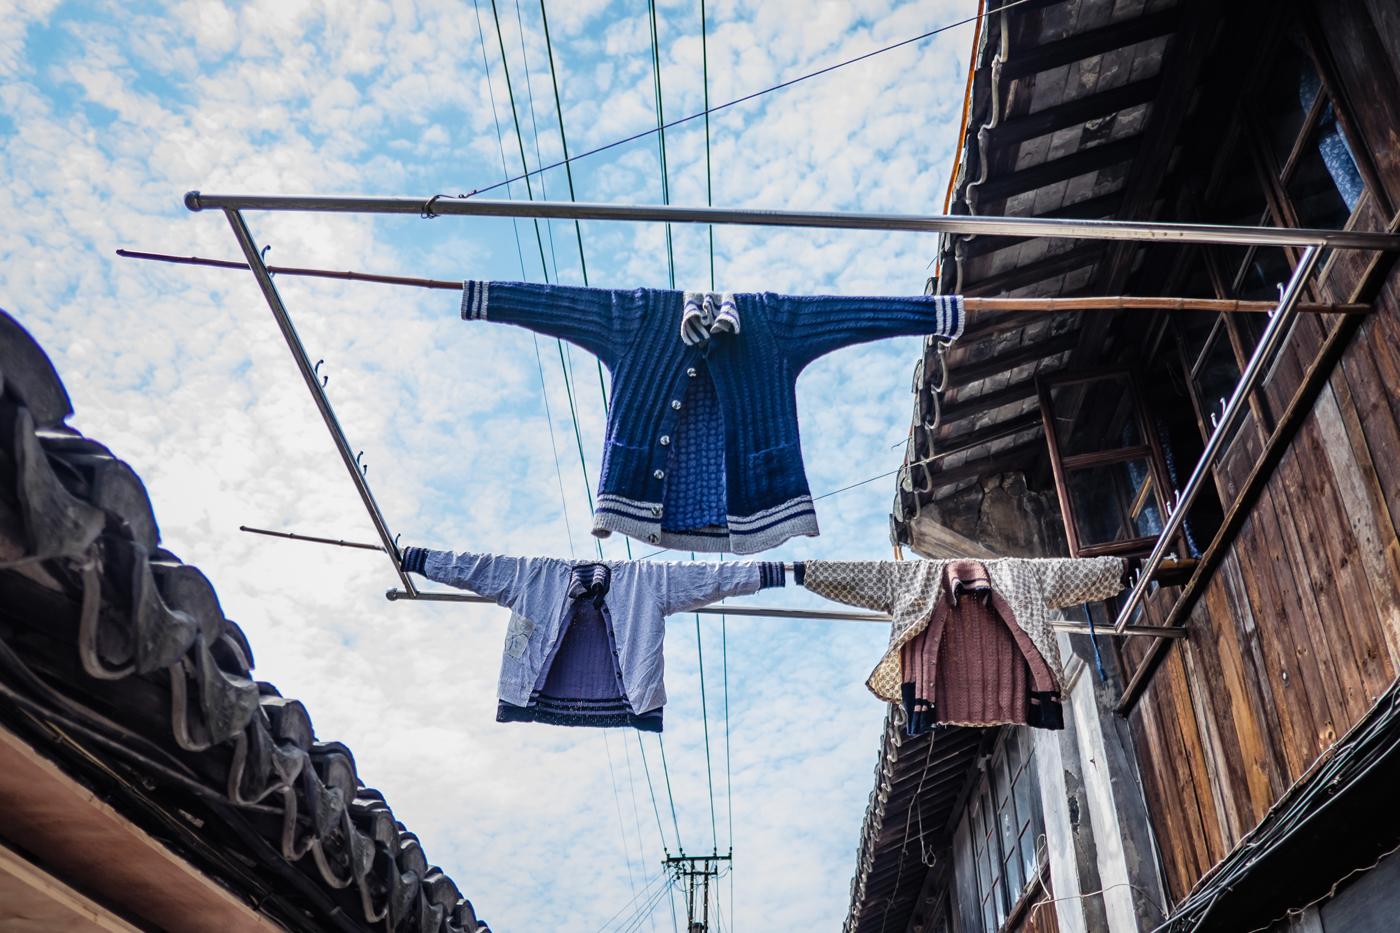 'Fengjing Laundry' by Brenda McKenney'